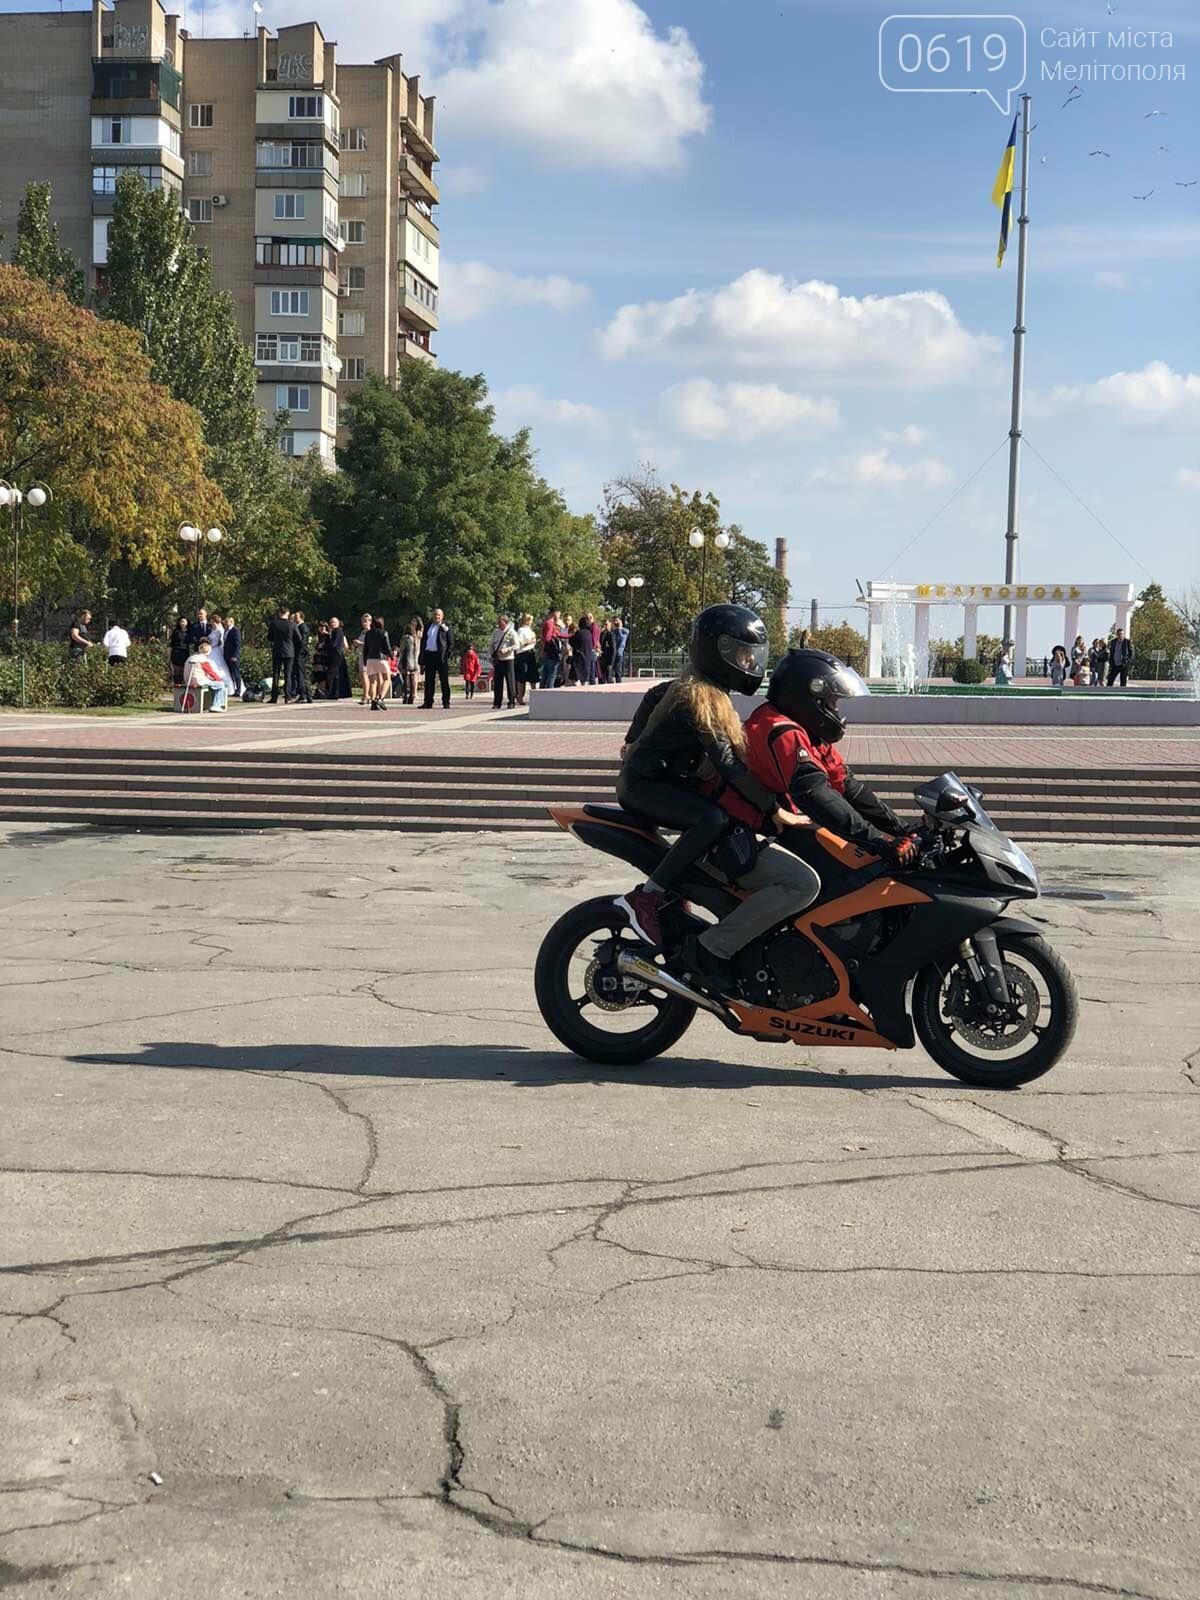 Байкеры проехали колонной по Мелитополю в честь закрытия мотосезона, - ФОТО, фото-9